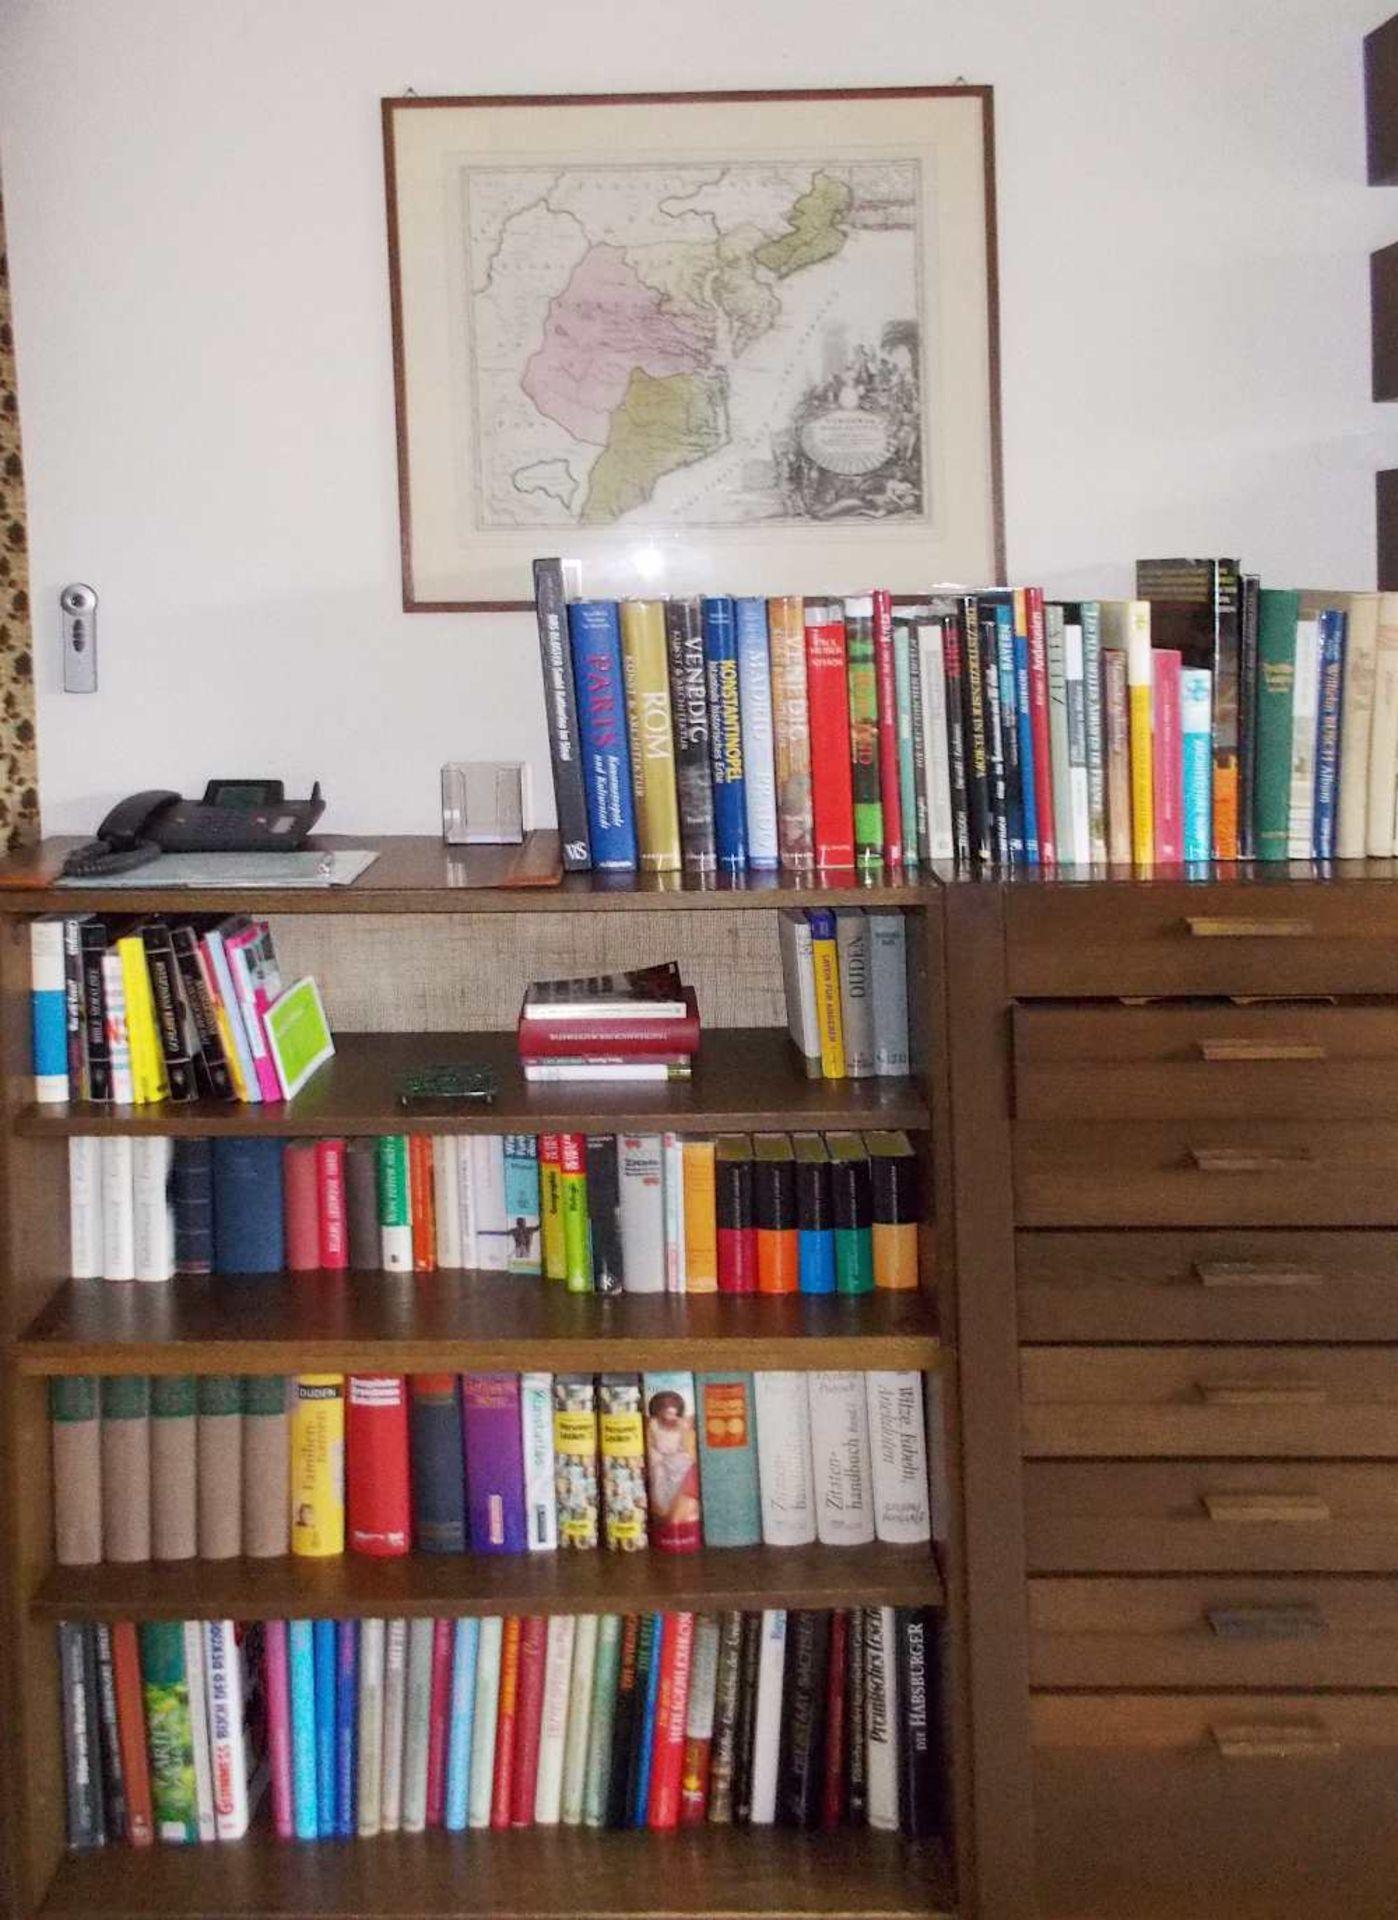 1 Bibliothek bestehend aus ca. 1000 Büchern nztl. Bildbände, Religion und Theologie, - Bild 4 aus 8